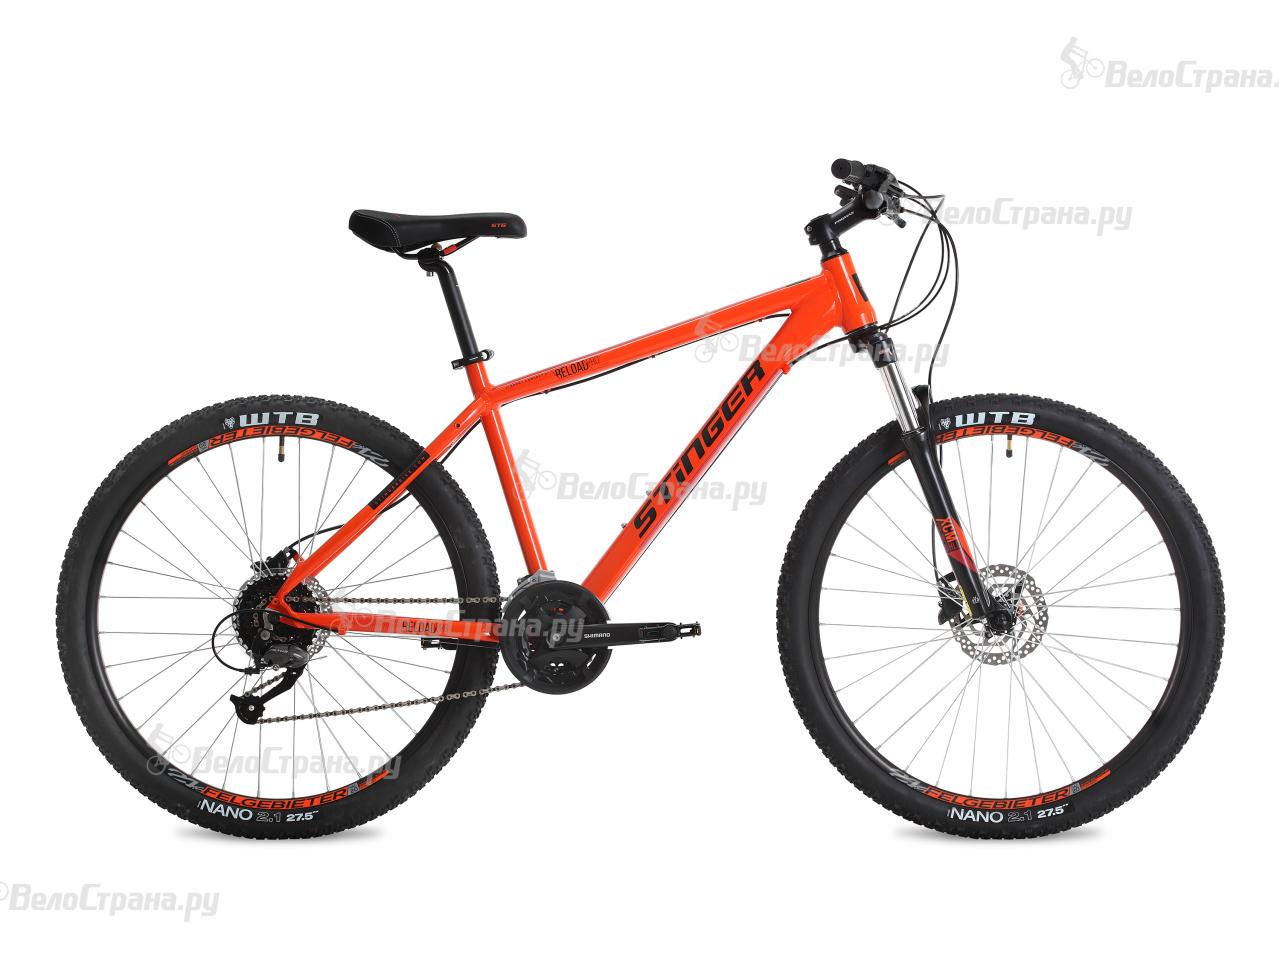 Велосипед Stinger Reload Pro 27,5 (2018) кий пирамида 2 pc rus pro 2008 rp8 5 черный cuetec 26 109 62 5